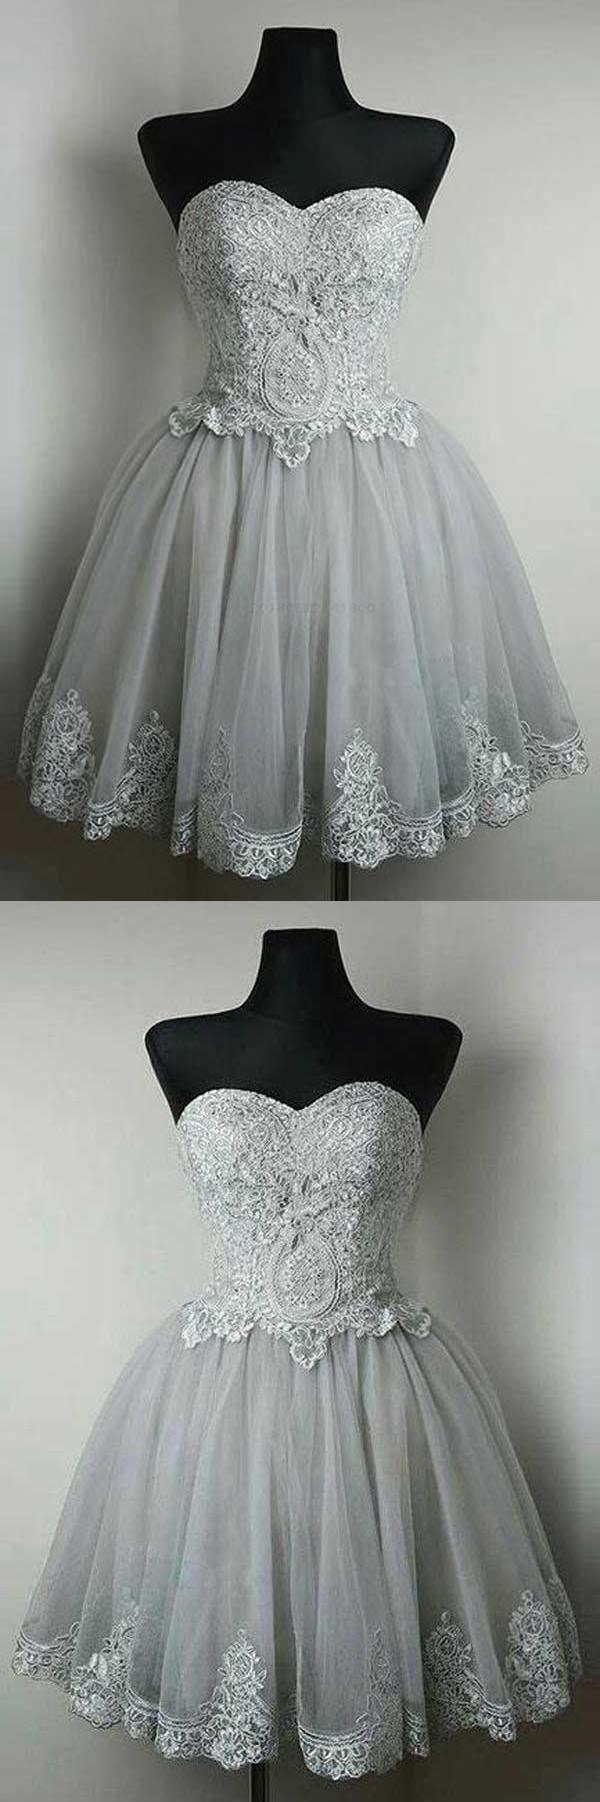 Short prom dresses lace prom dresses grey prom dresses simi